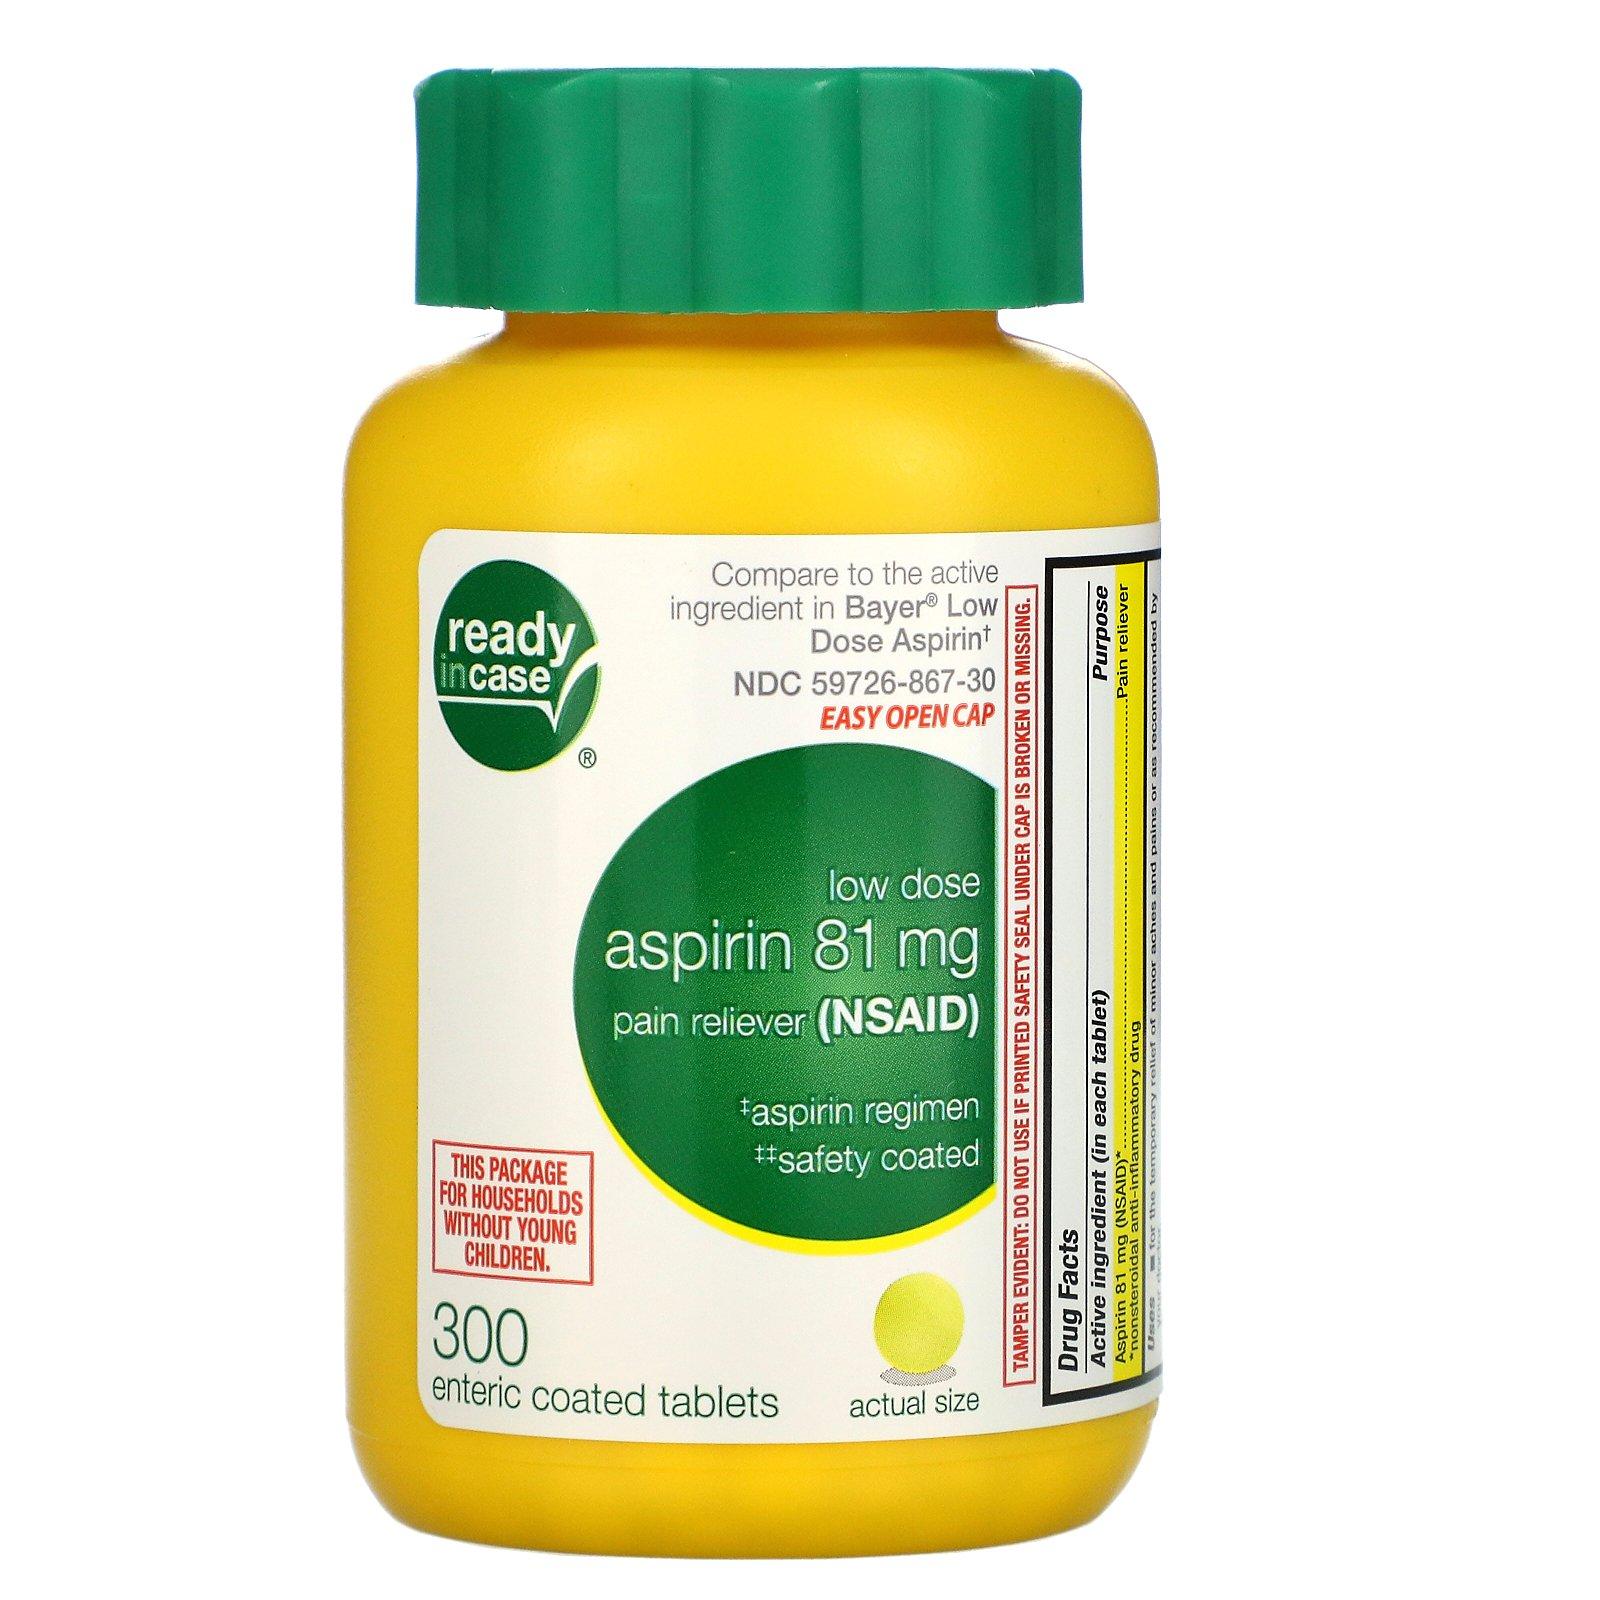 Life Extension, аспирин, низкая дозировка с защитным покрытием, 81 мг, 300 таблеток, покрытых кишечнорастворимой оболочкой